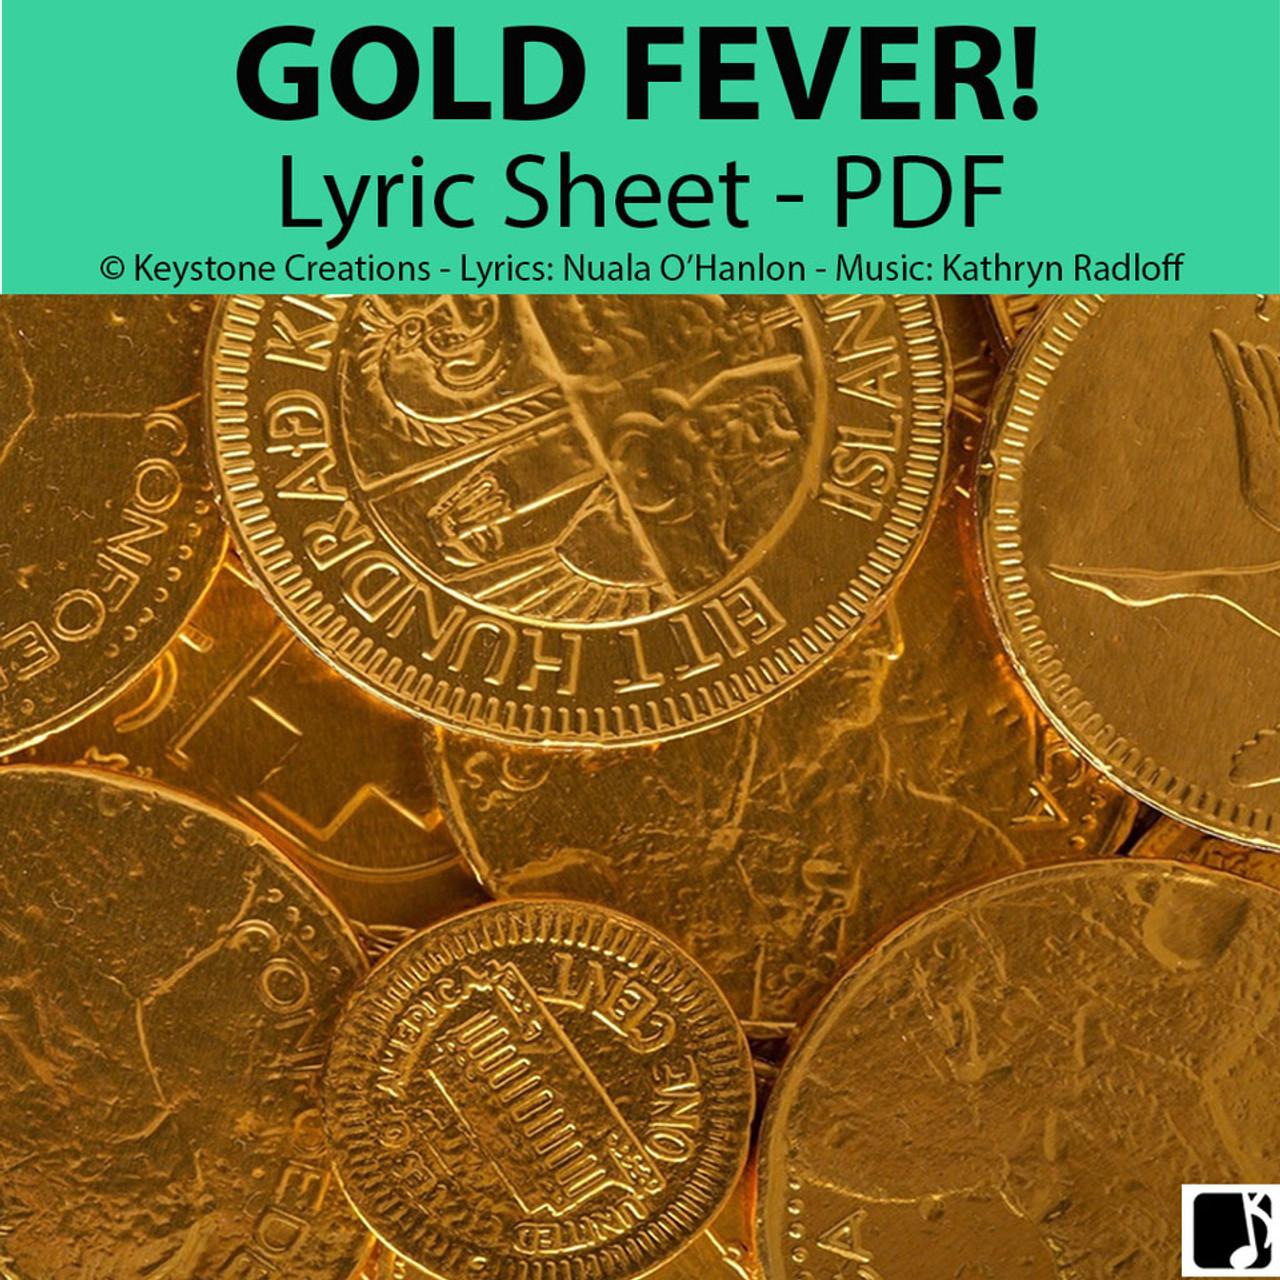 'GOLD FEVER!' (Grades 3-7) ~ Lyric Sheet/Poem